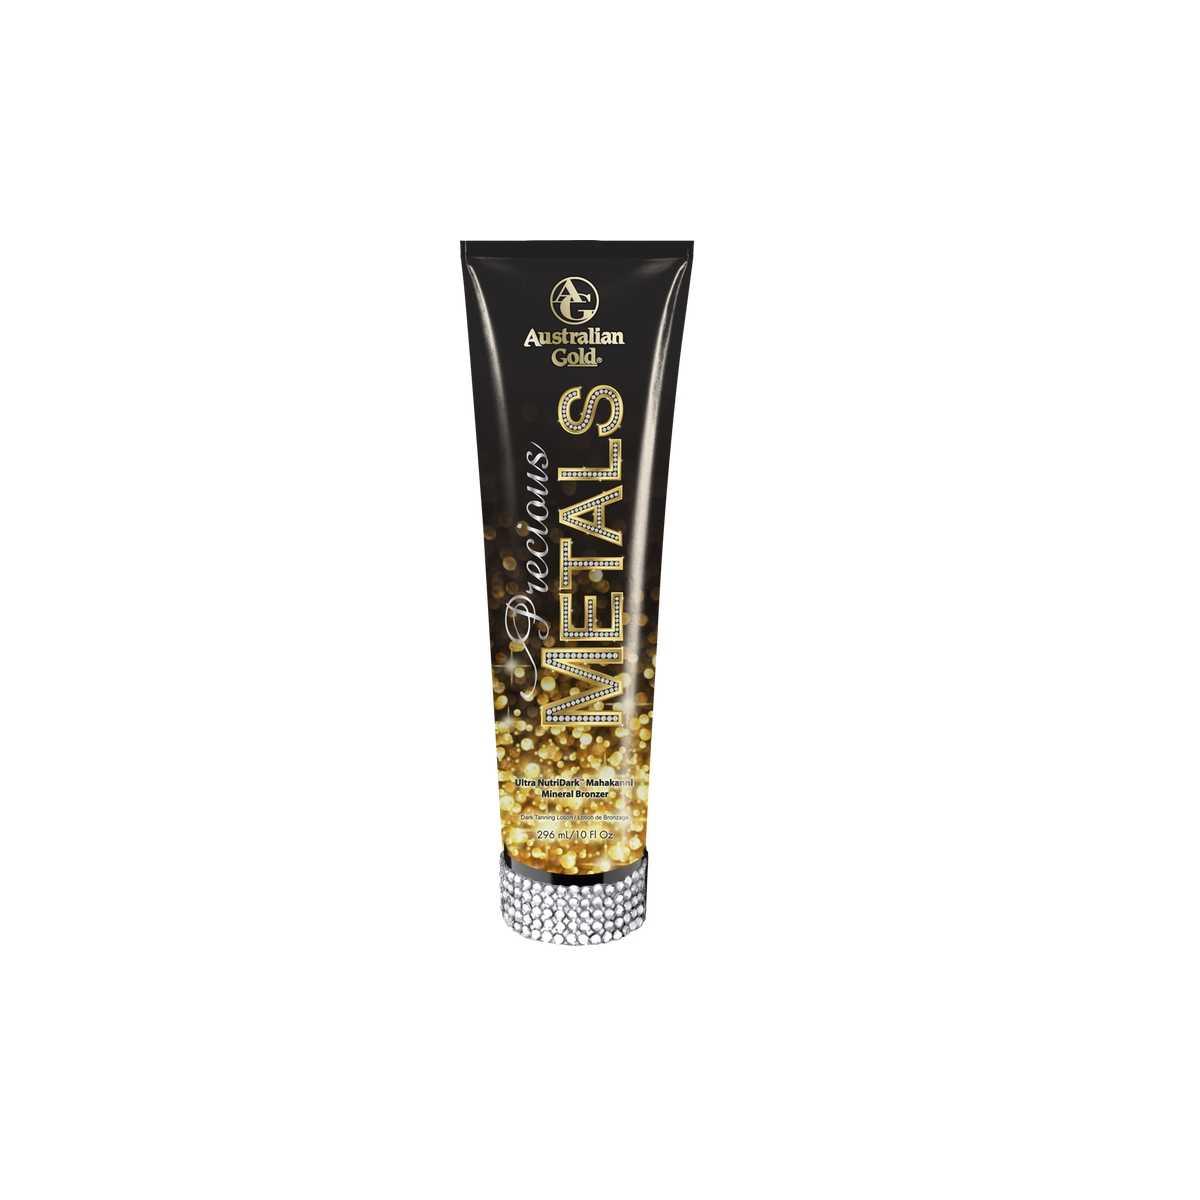 Precious Metals - Australian Gold